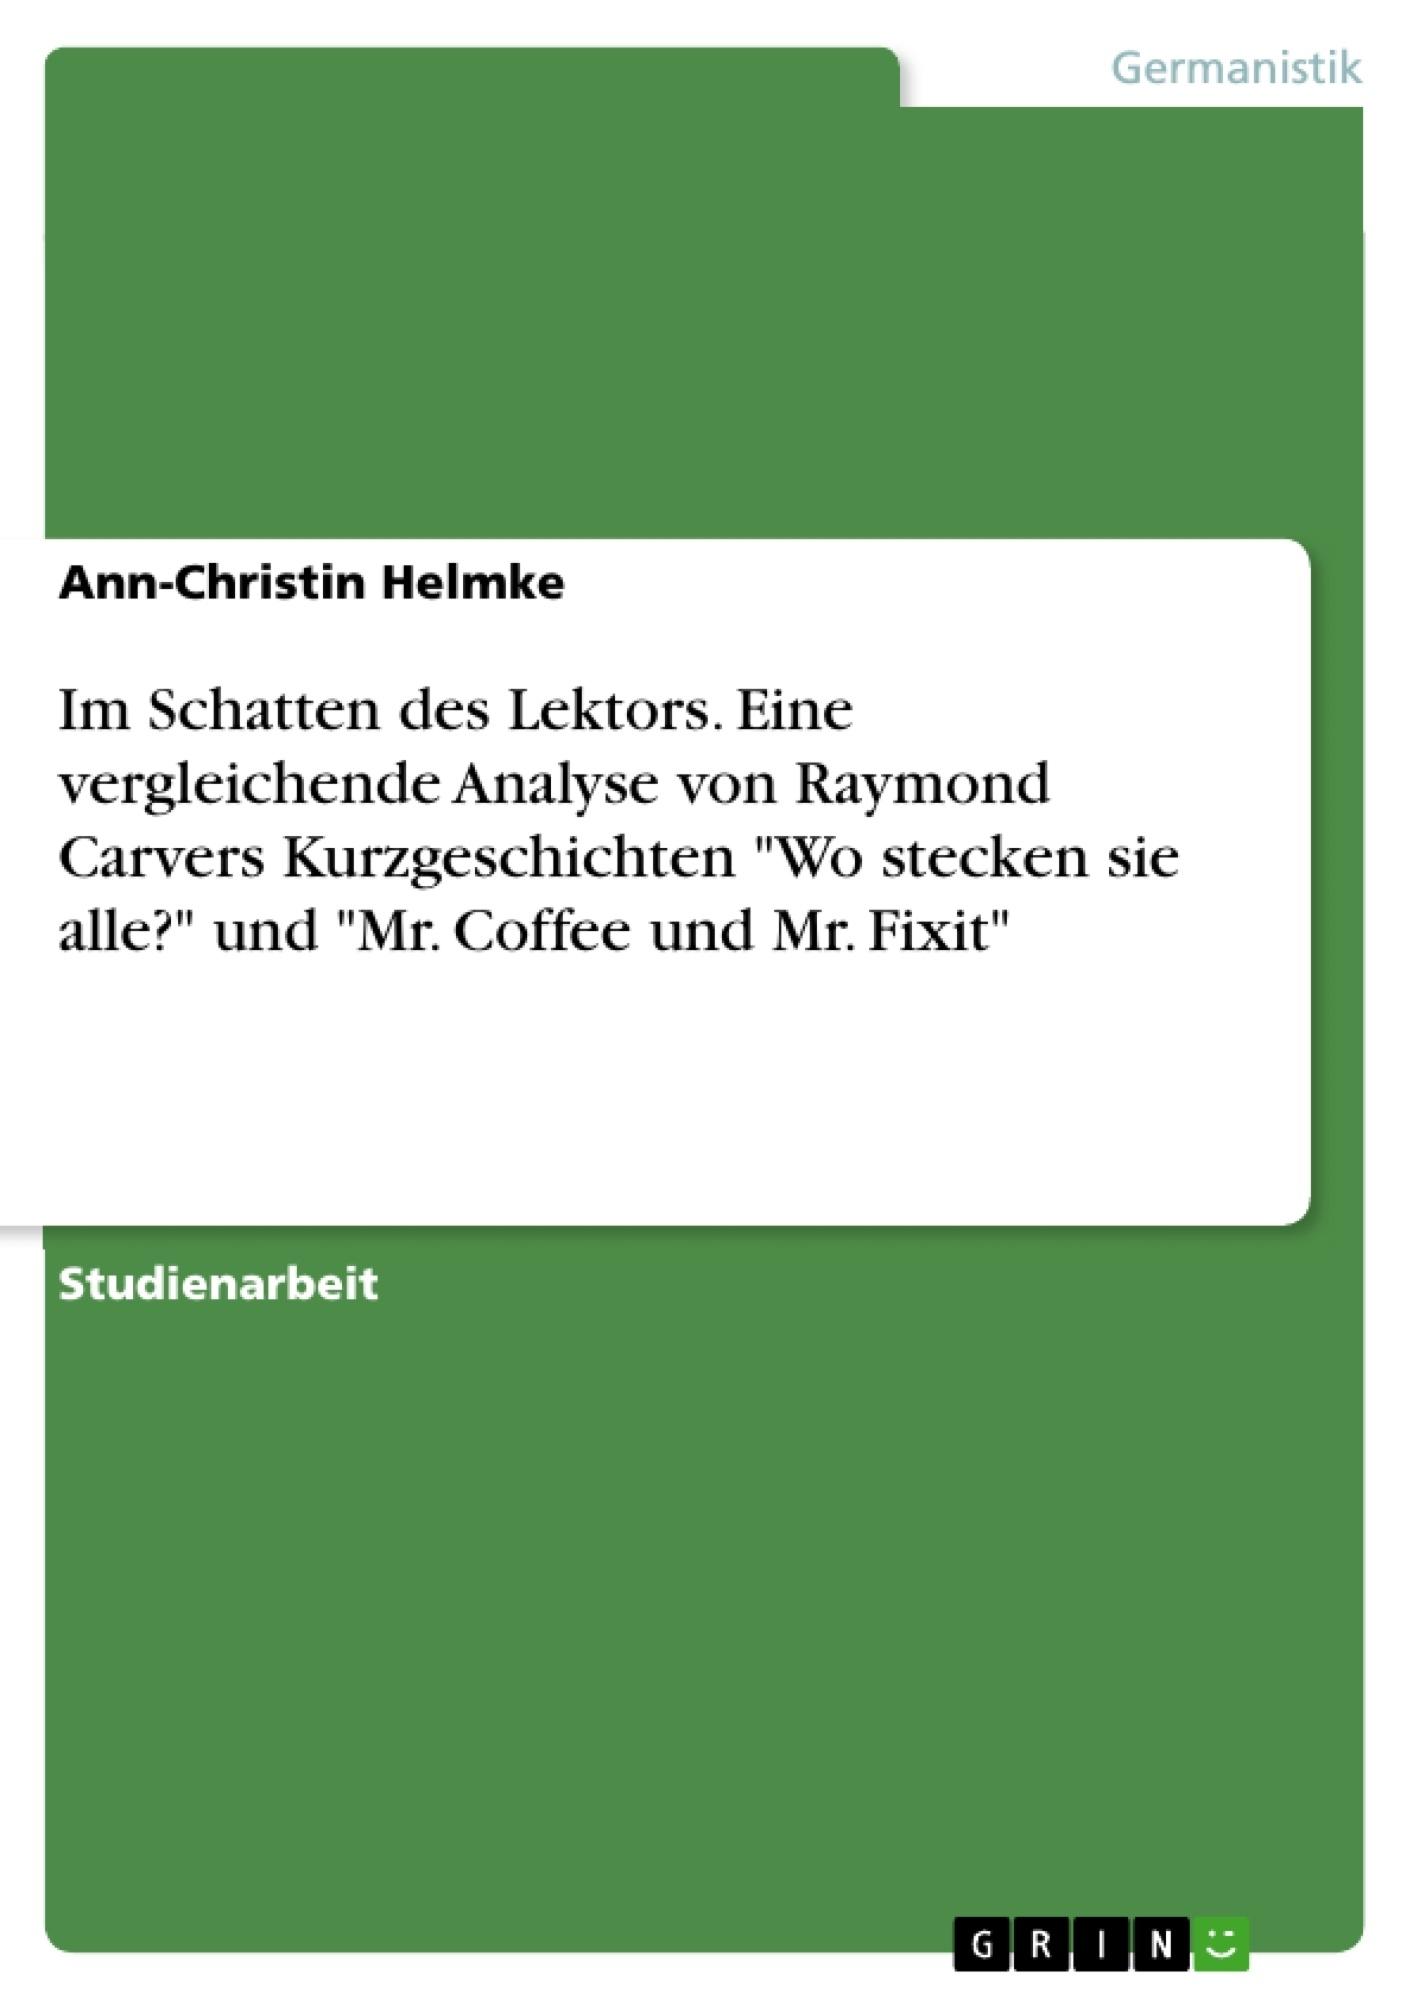 """Titel: Im Schatten des Lektors. Eine vergleichende Analyse von Raymond Carvers Kurzgeschichten """"Wo stecken sie alle?"""" und """"Mr. Coffee und Mr. Fixit"""""""